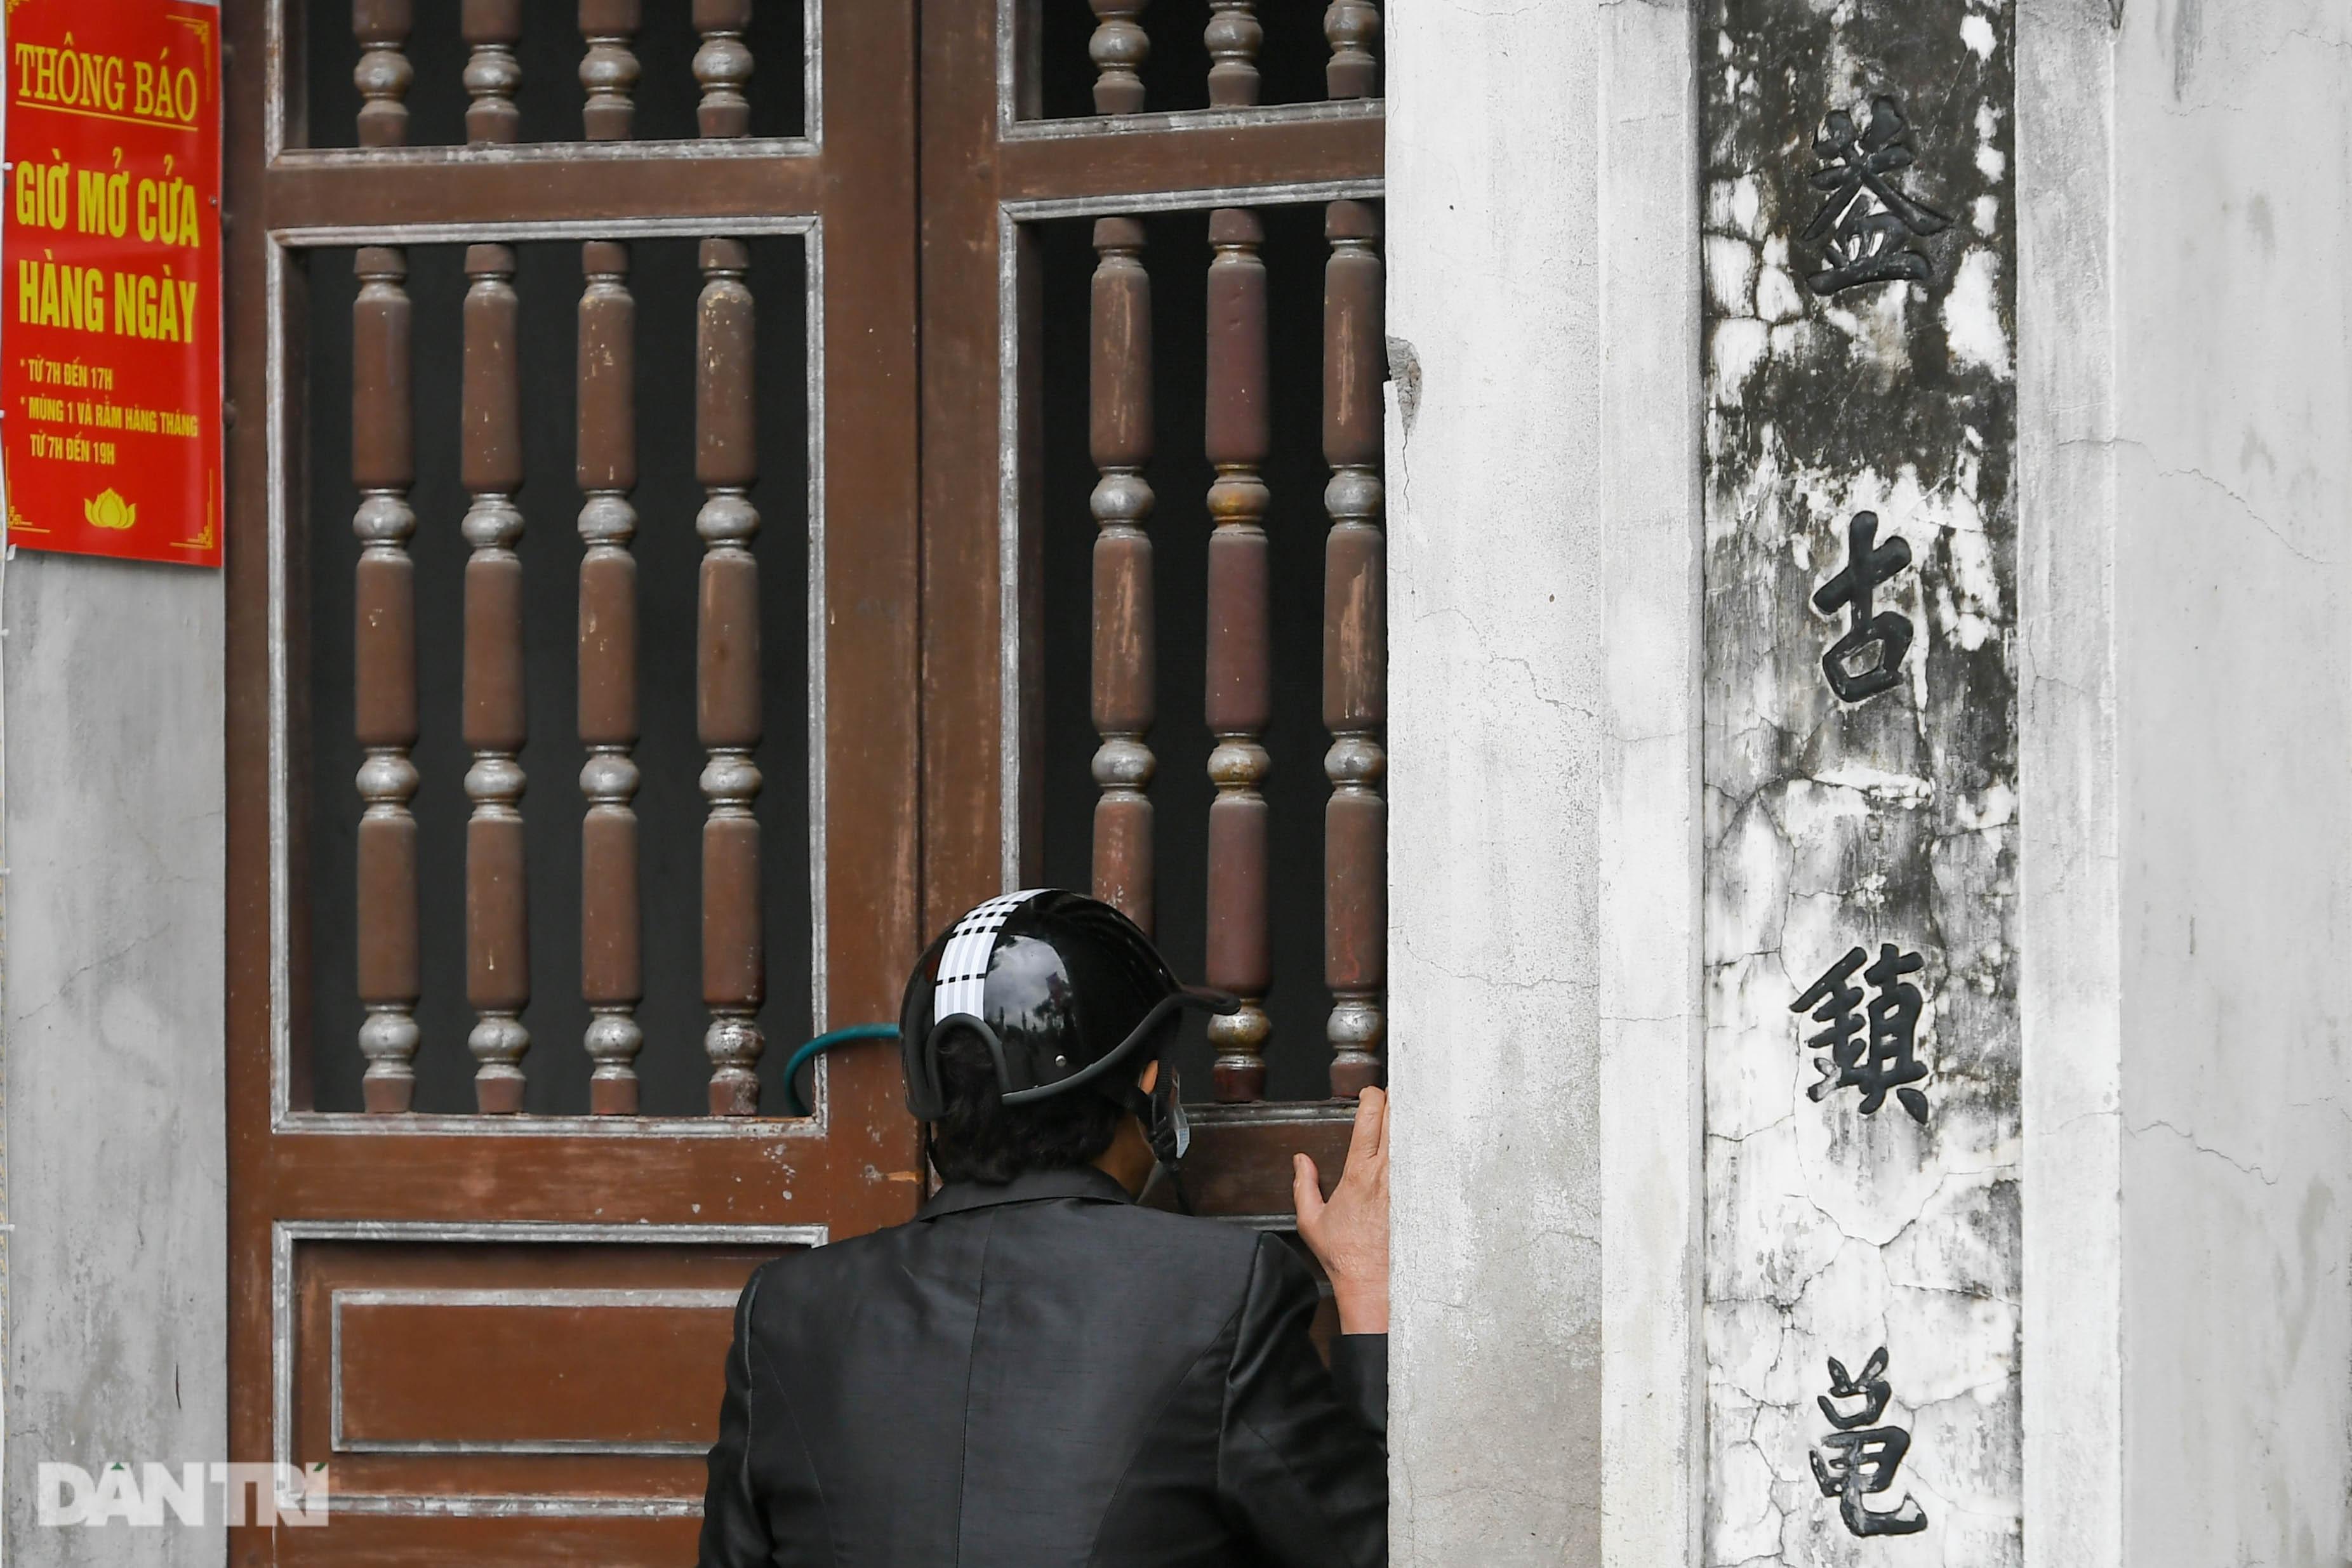 Đền chùa đóng cửa, dân công sở tranh thủ đi lễ vái vọng từ xa - 4